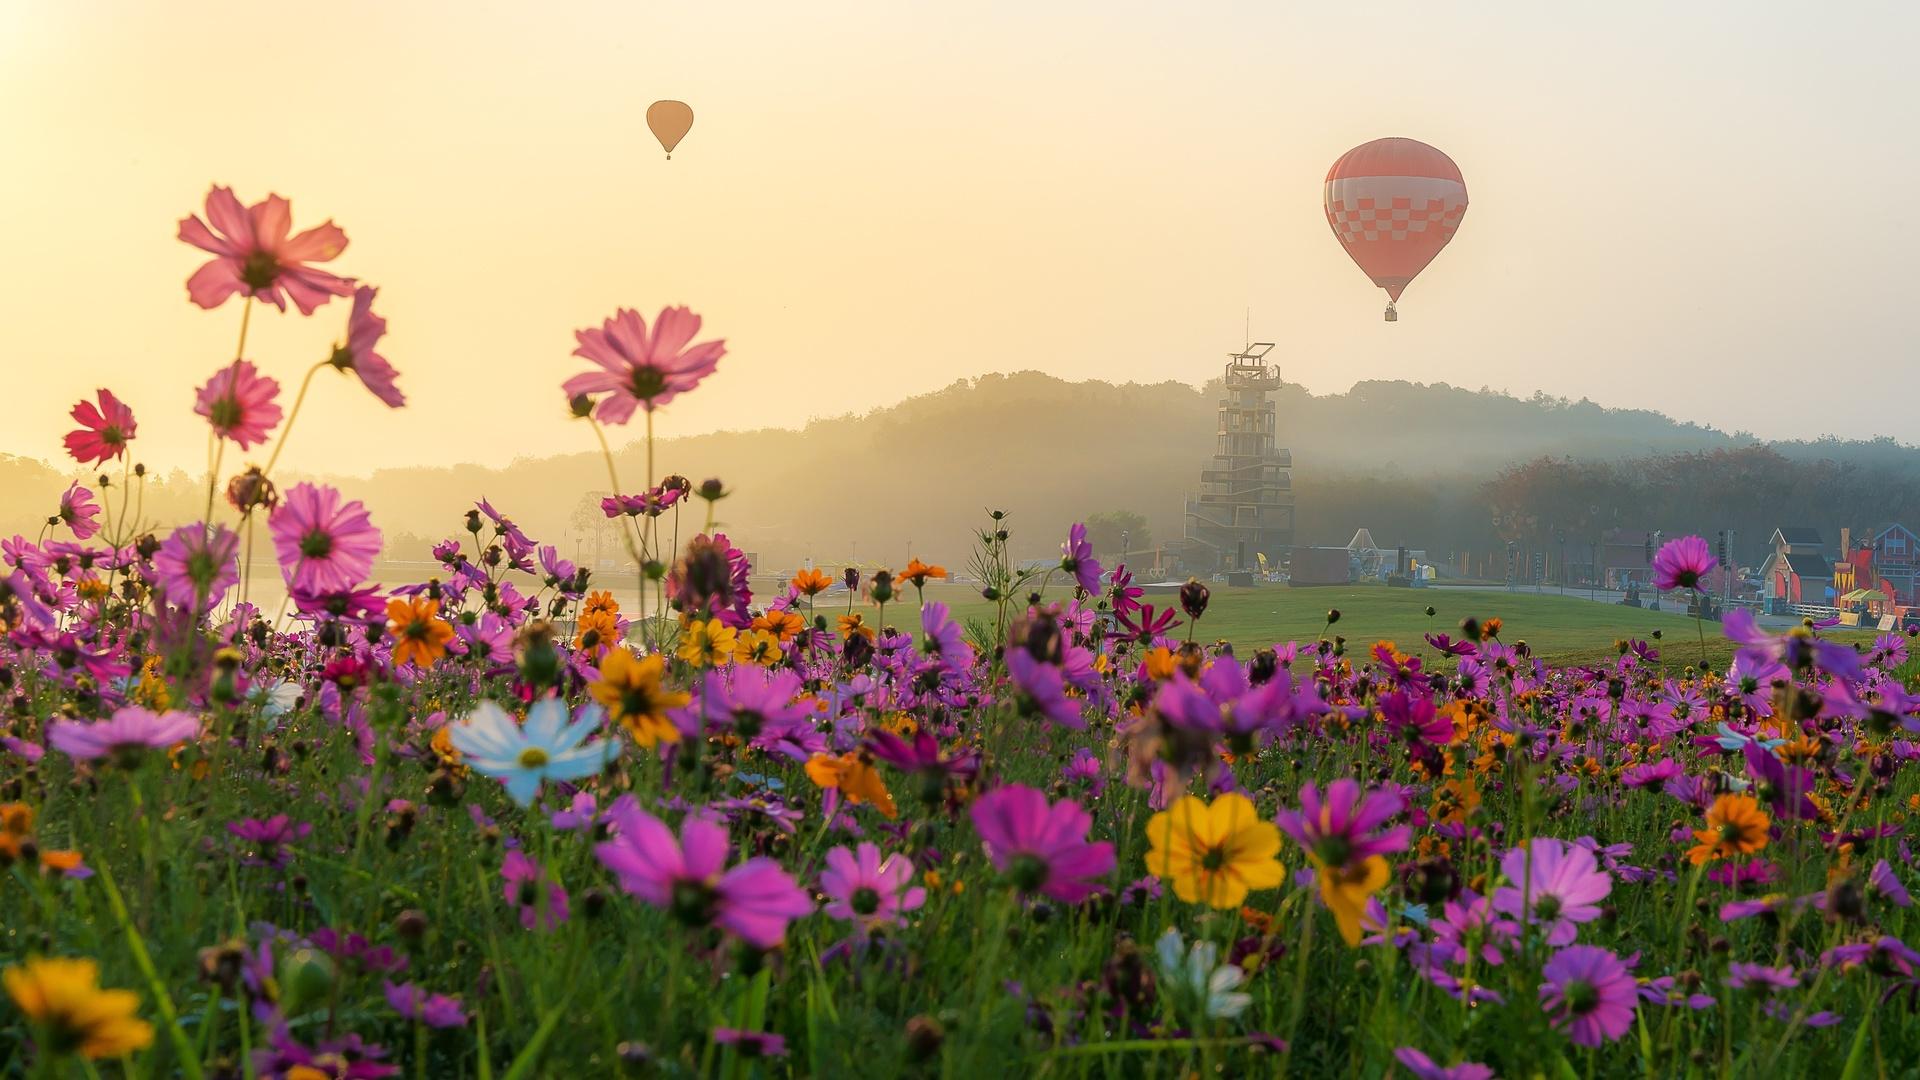 космея, луг, воздушный шар, цветы